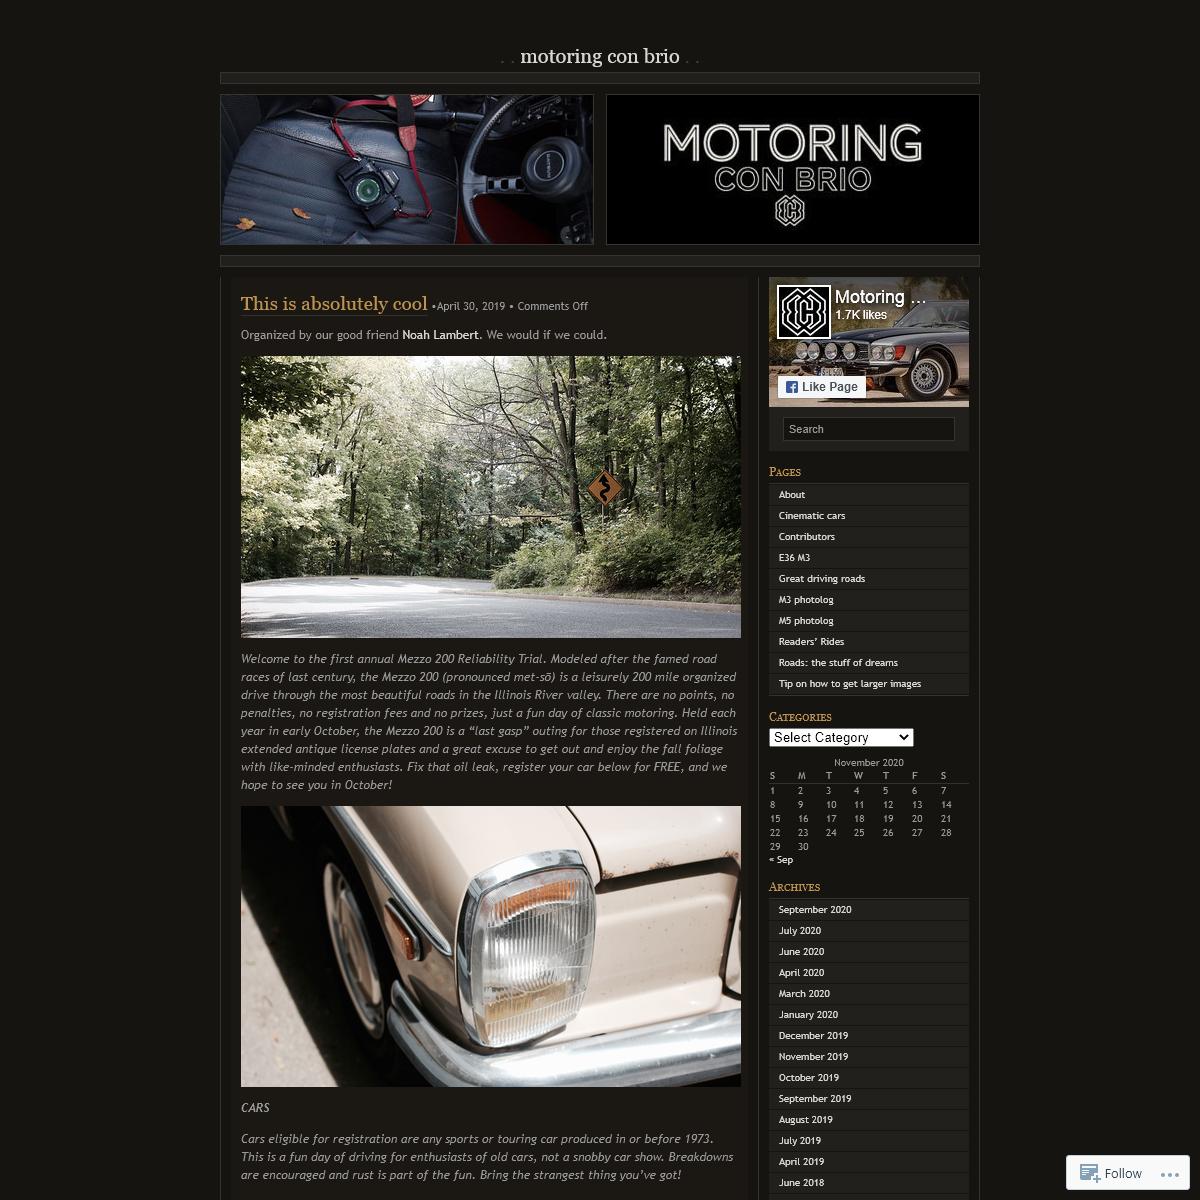 Motoring Con Brio